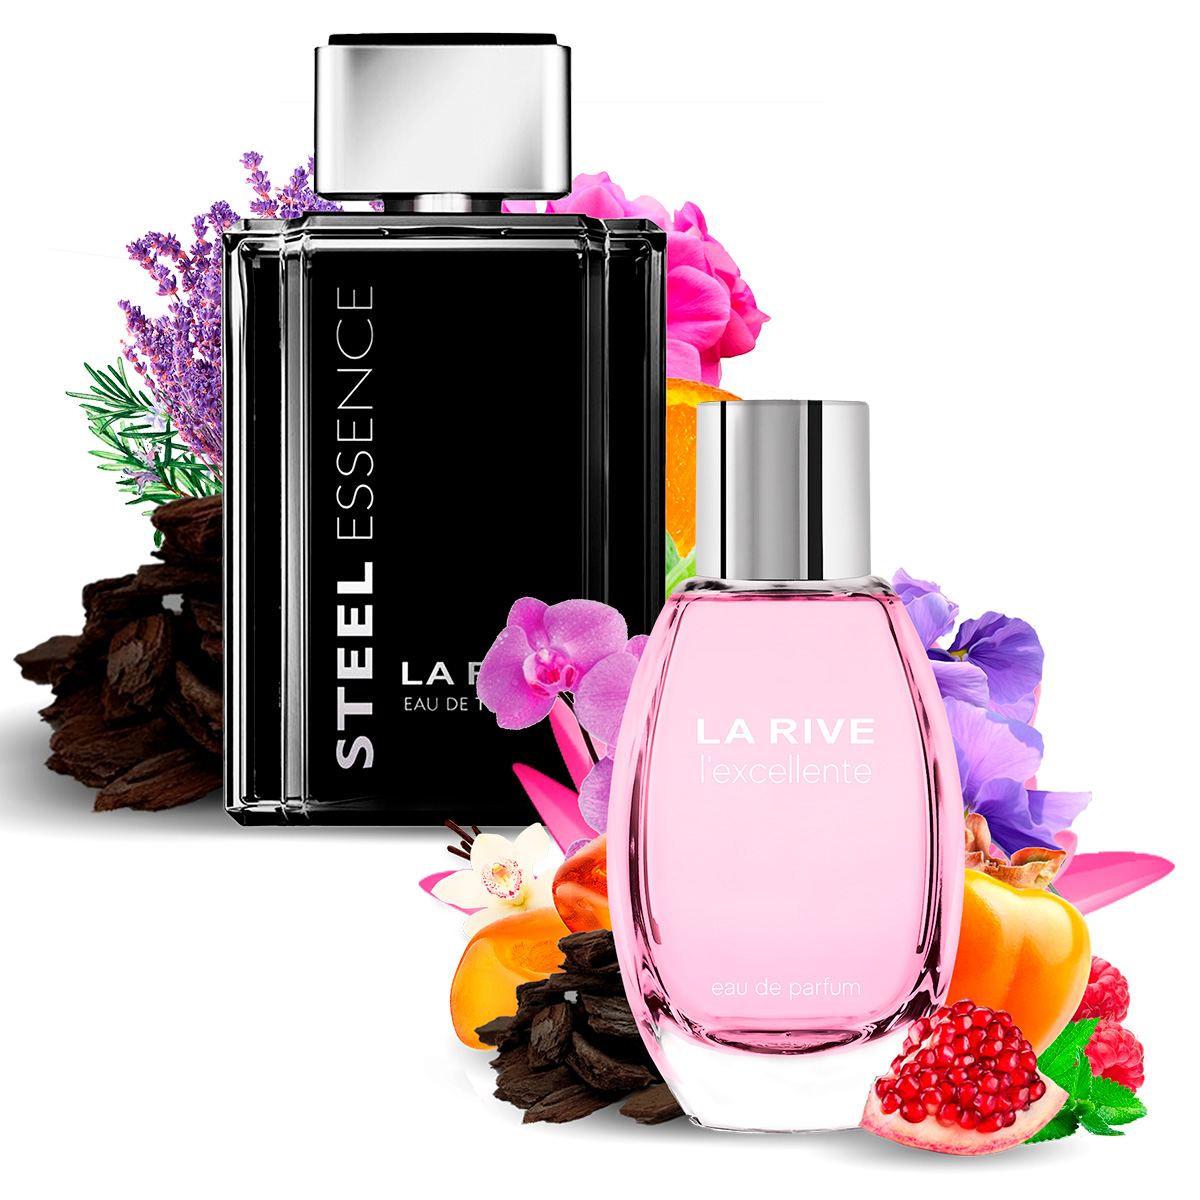 Kit 2 Perfumes, Steel Essence e Lexcellente La Rive